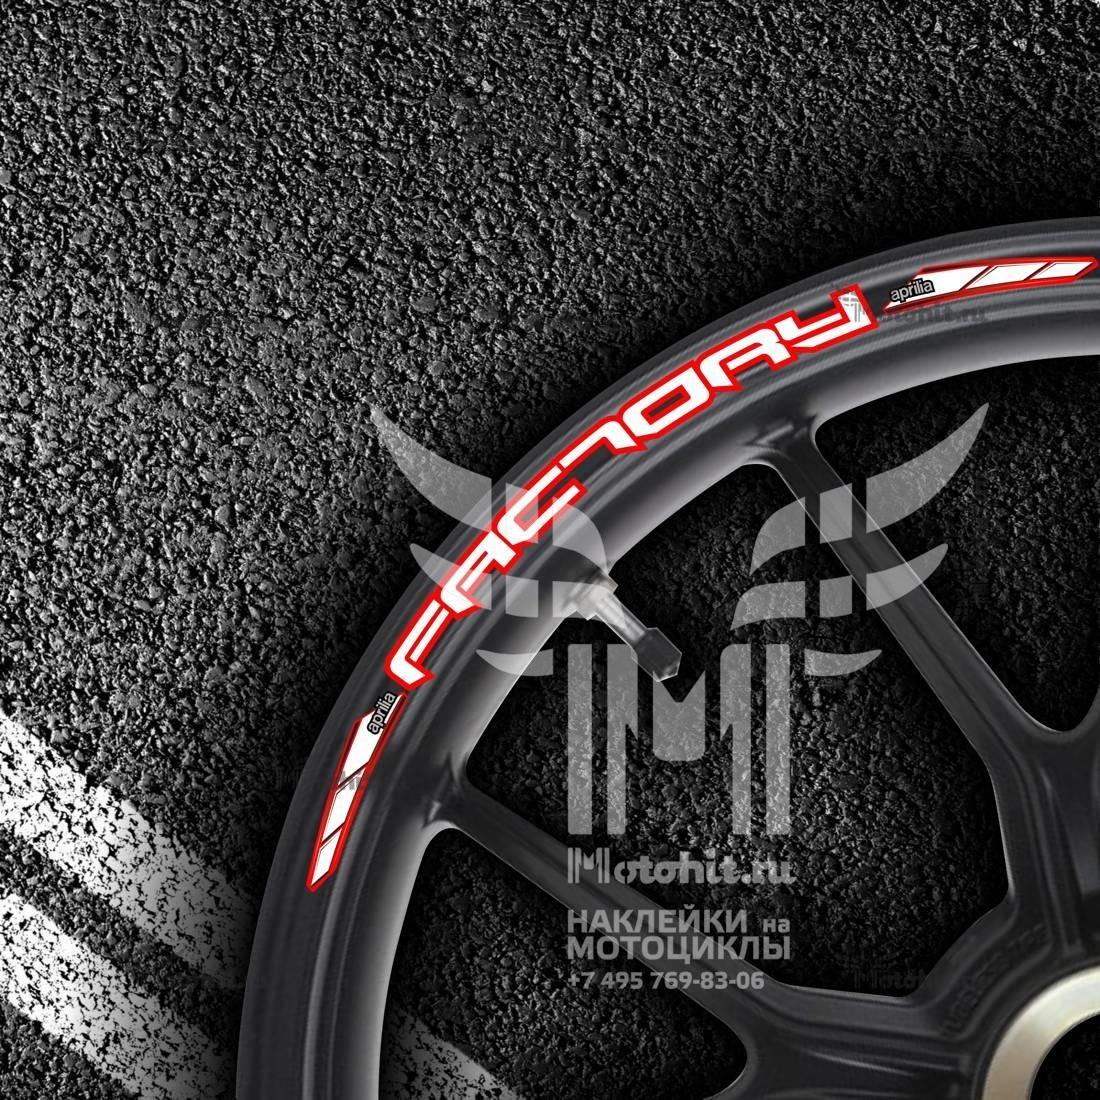 Комплект наклеек на обод колеса мотоцикла APRILIA FACTORY